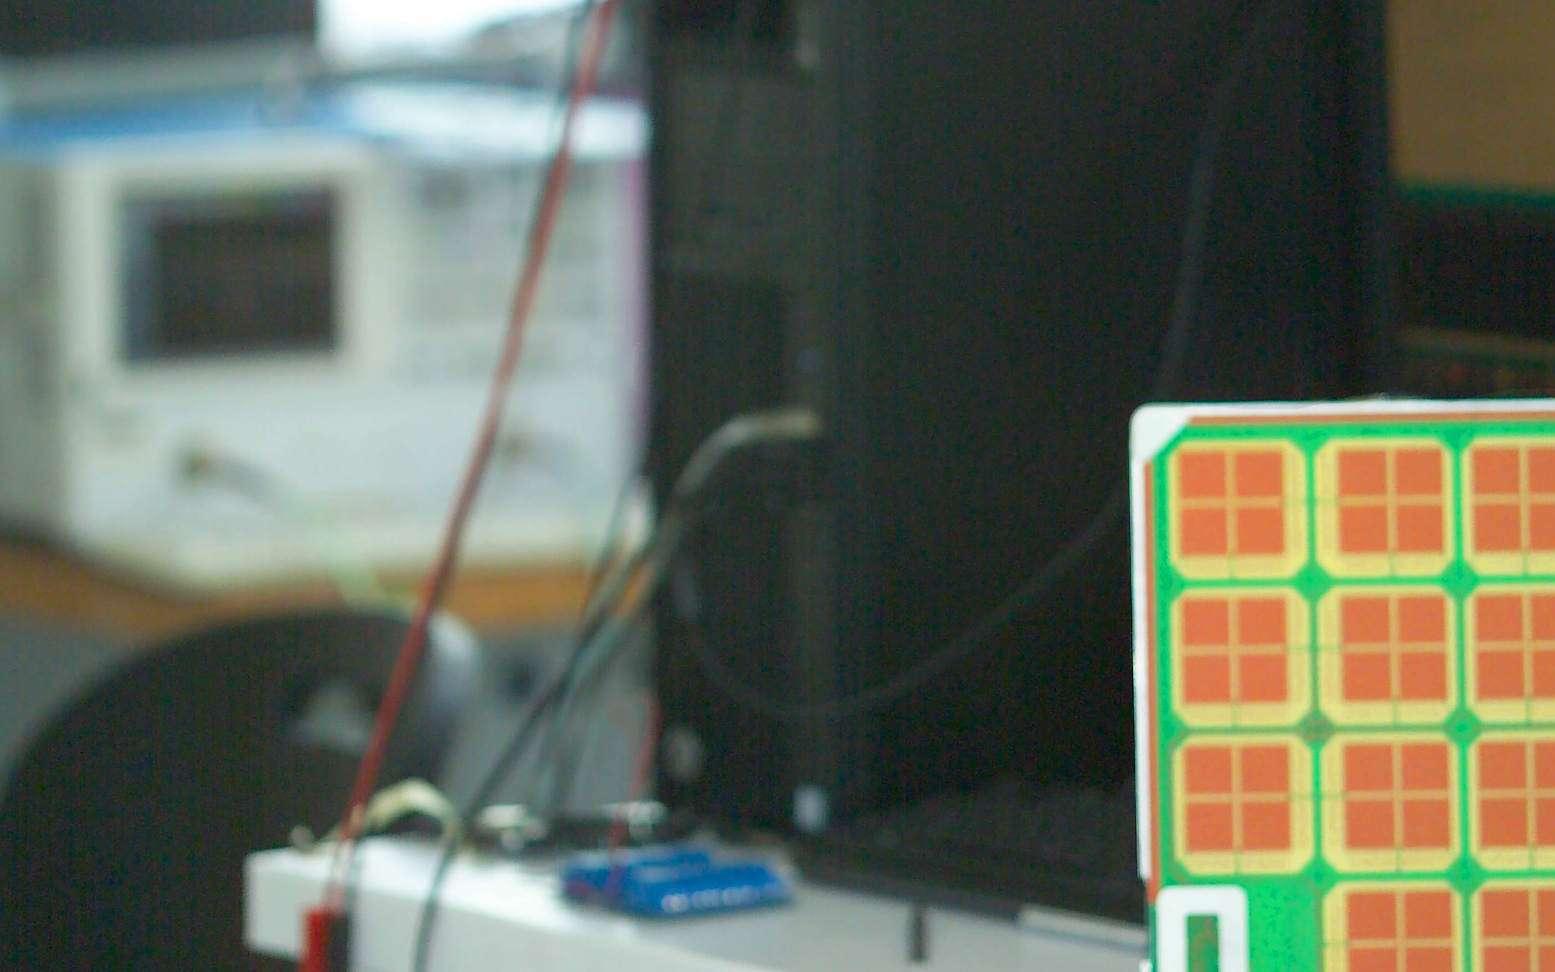 Les métasurfaces de Greenerwave façonnent les ondes pour les orienter ou les amplifier à la demande. © Greenerwave